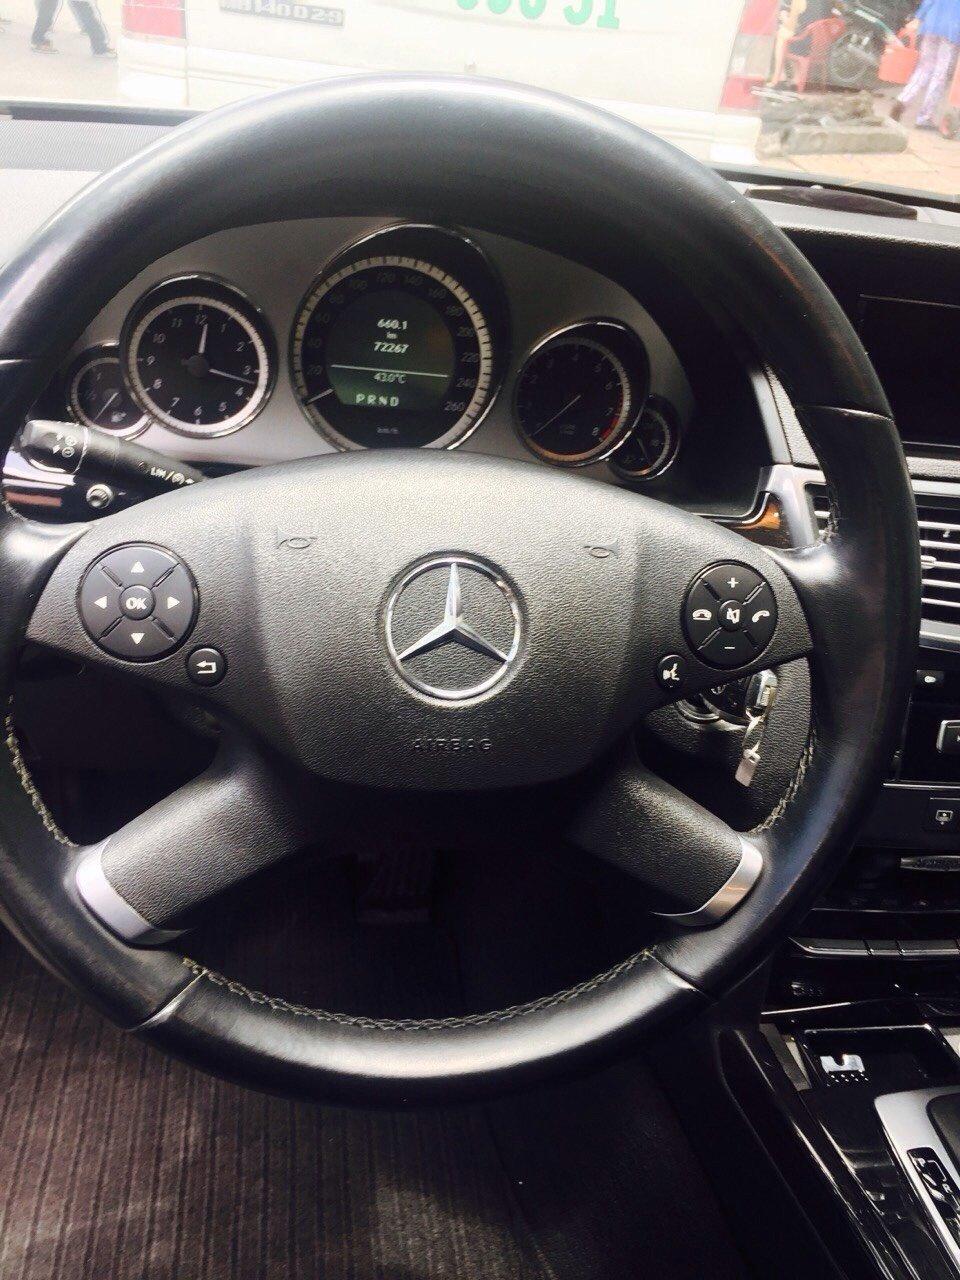 Mercedes Ben E 250 màu xám nòng súng. Loại cao cấp công ty sử dụng bảo dưỡng tất cả-4